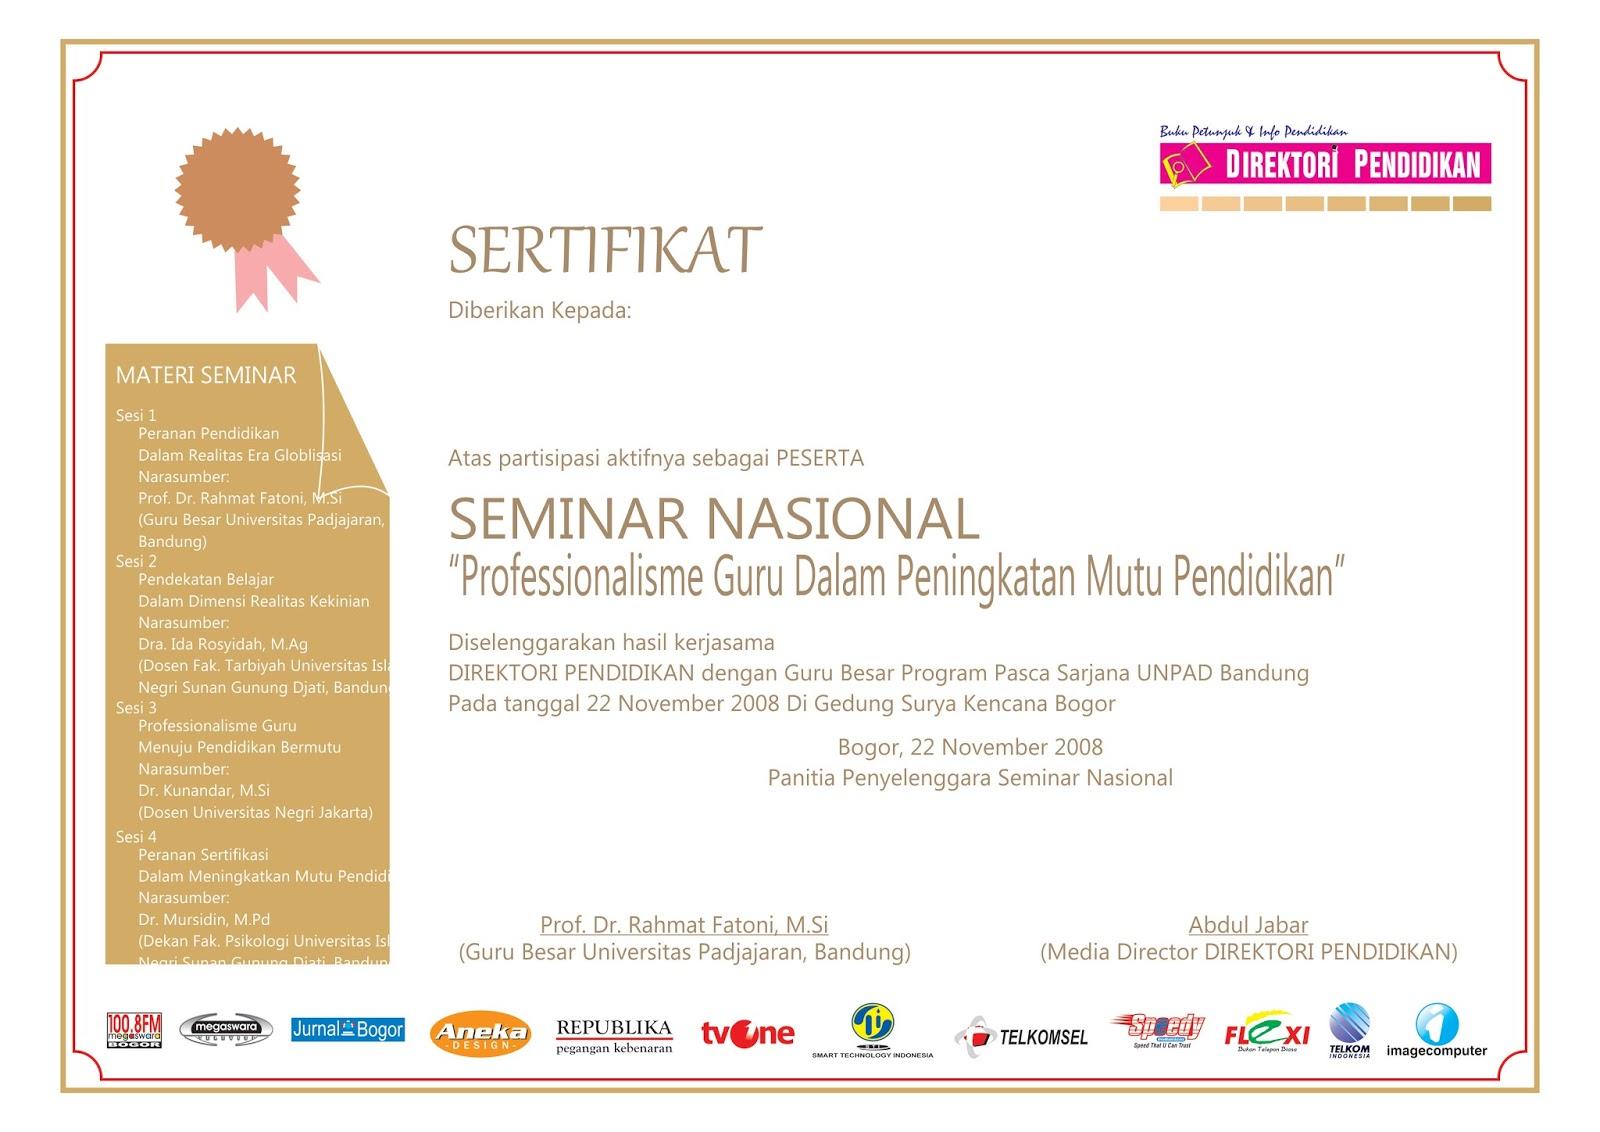 Desain Sertifikat Seminar Nasional Desain Kampungan